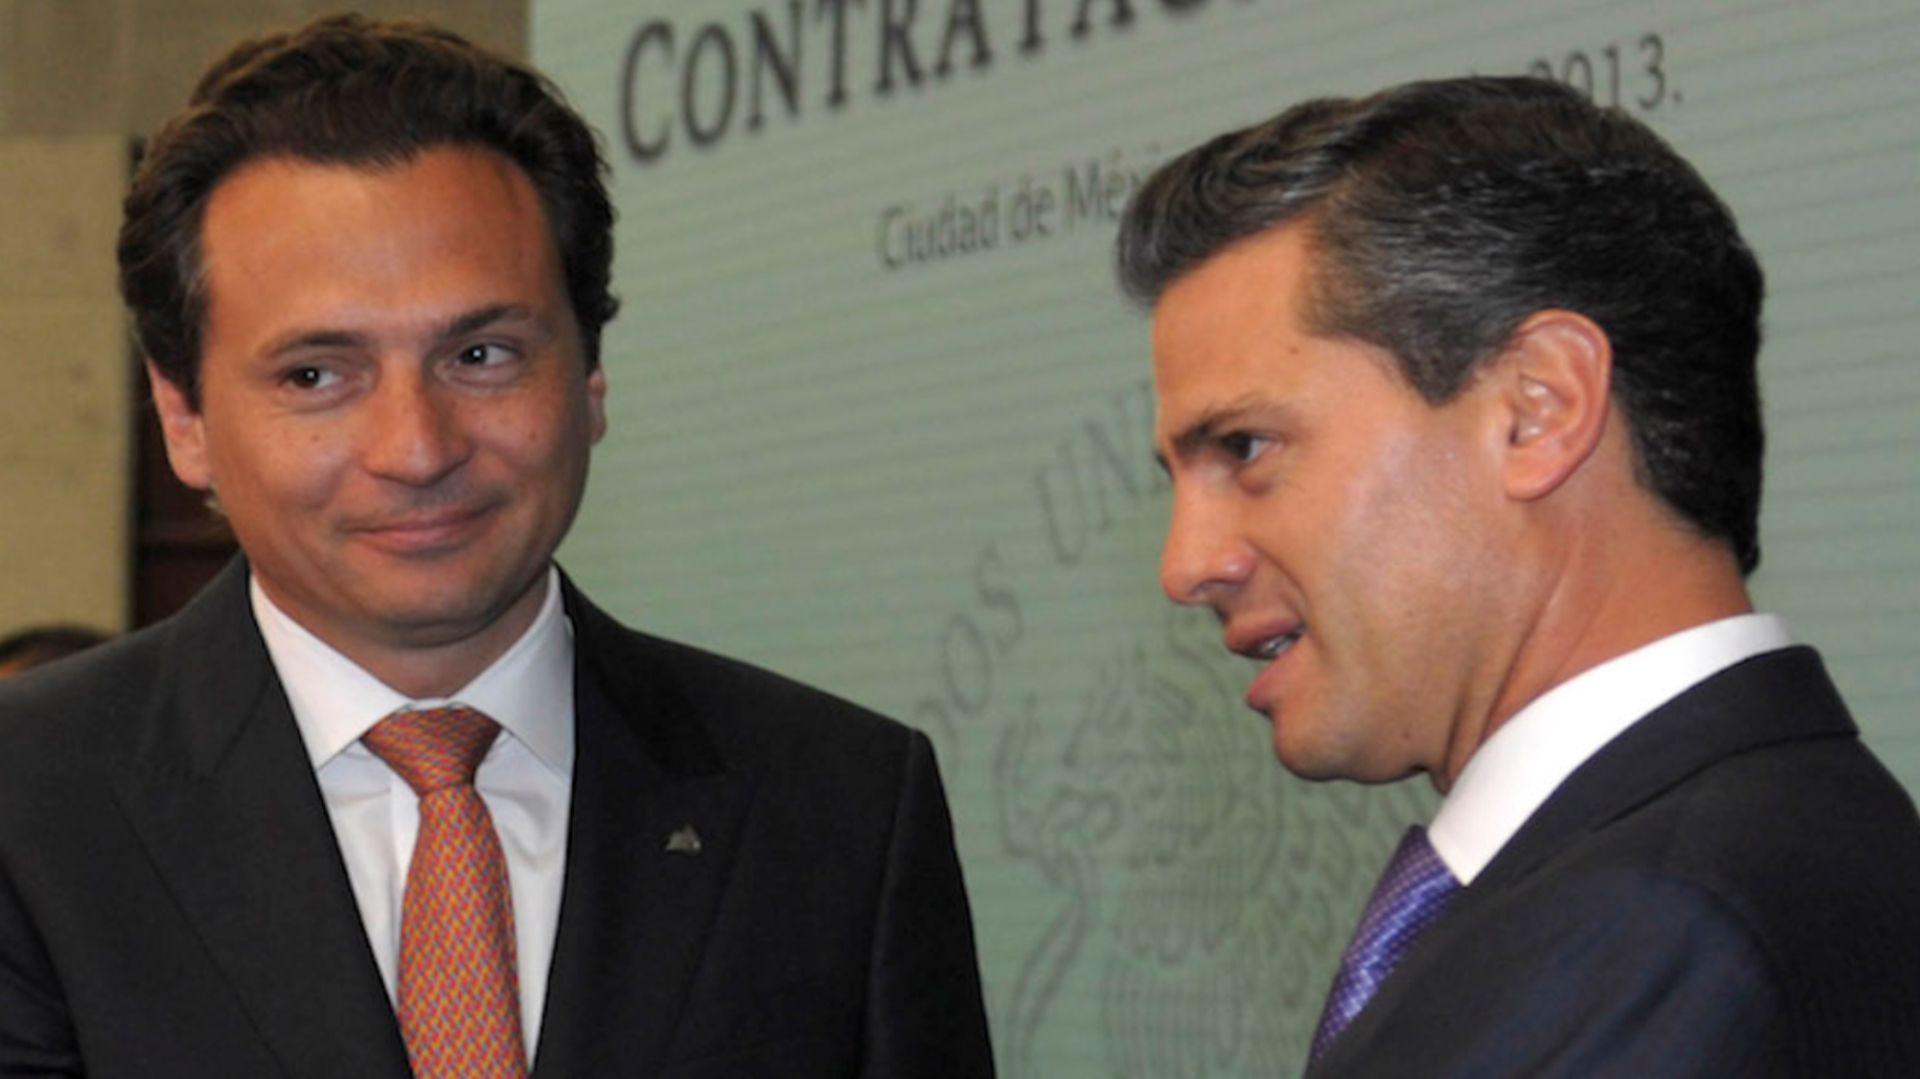 Emilio Lozoya y Enrique Peña Nieto están involucrados en el presunto pago de sobornos por la compra de Fertinal (Foto: Cuartoscuro)